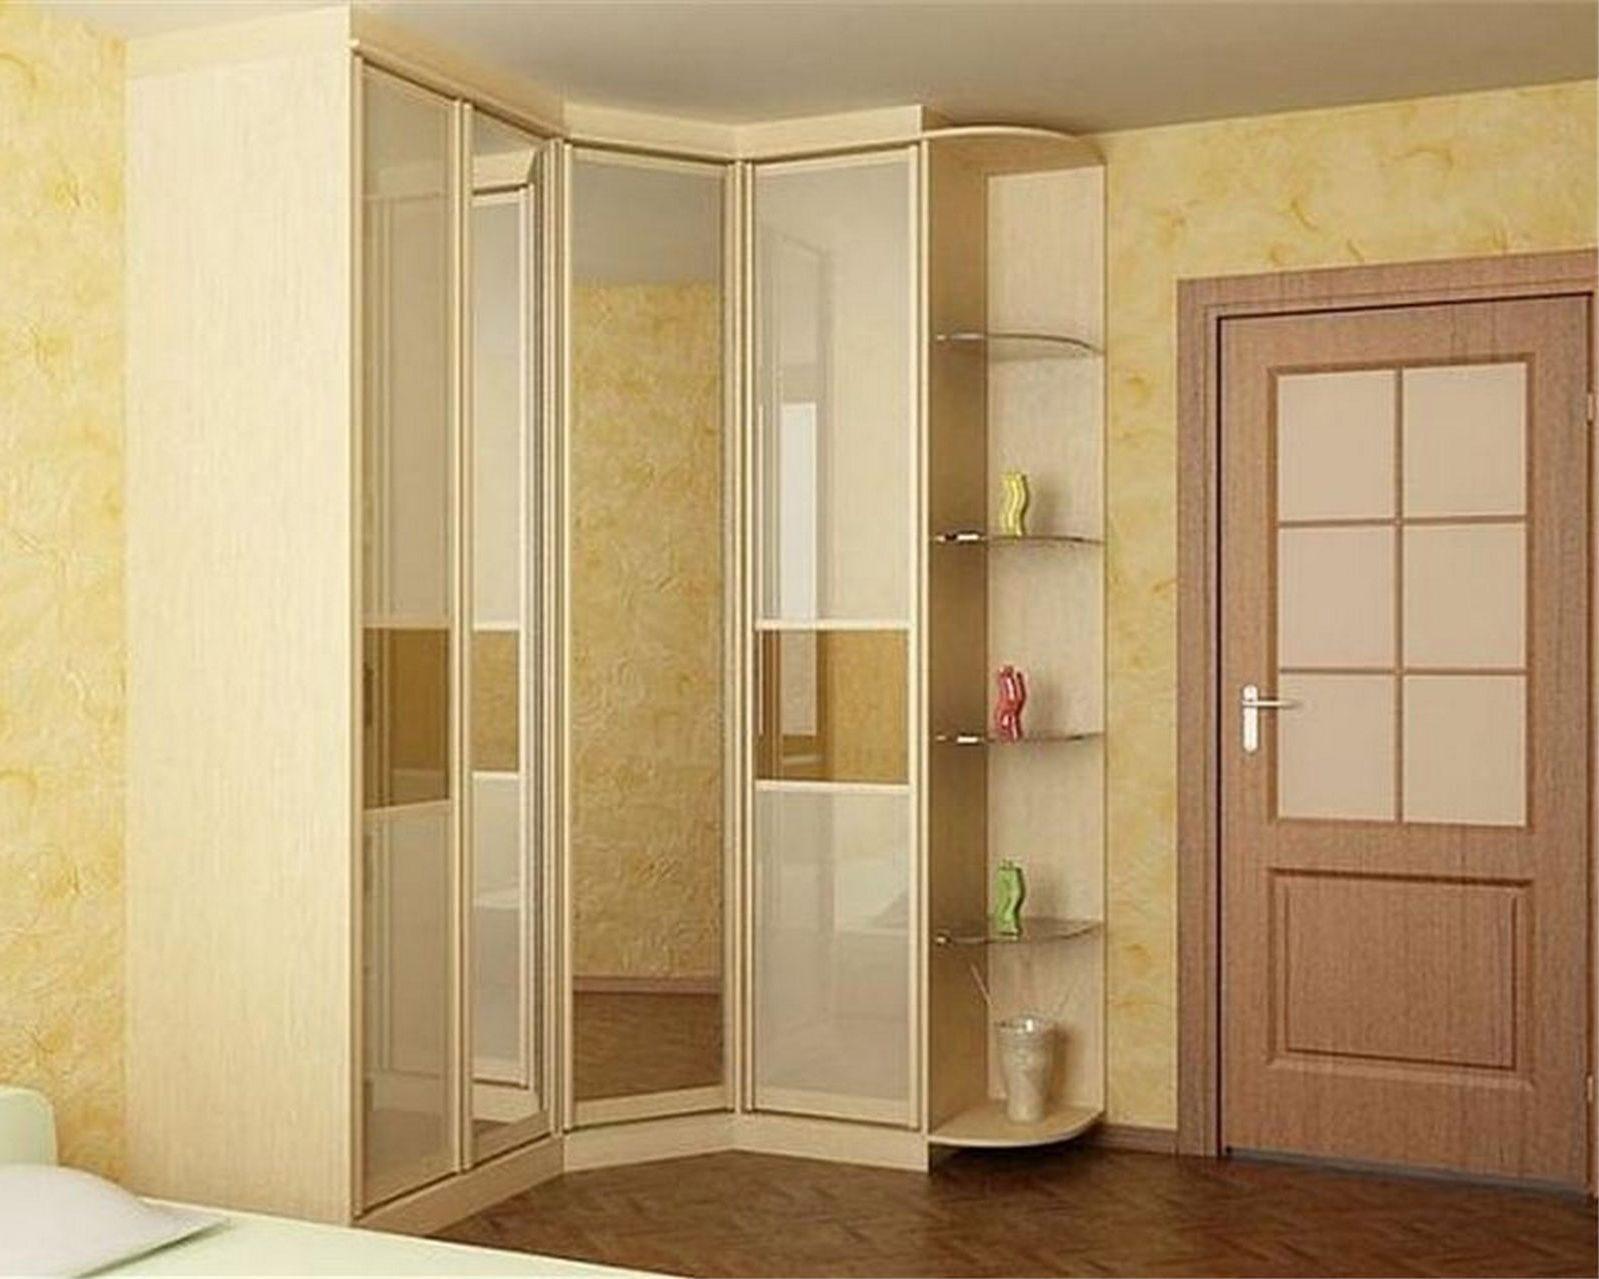 Угловой шкаф купе в прихожую - фото идеи дизайна.